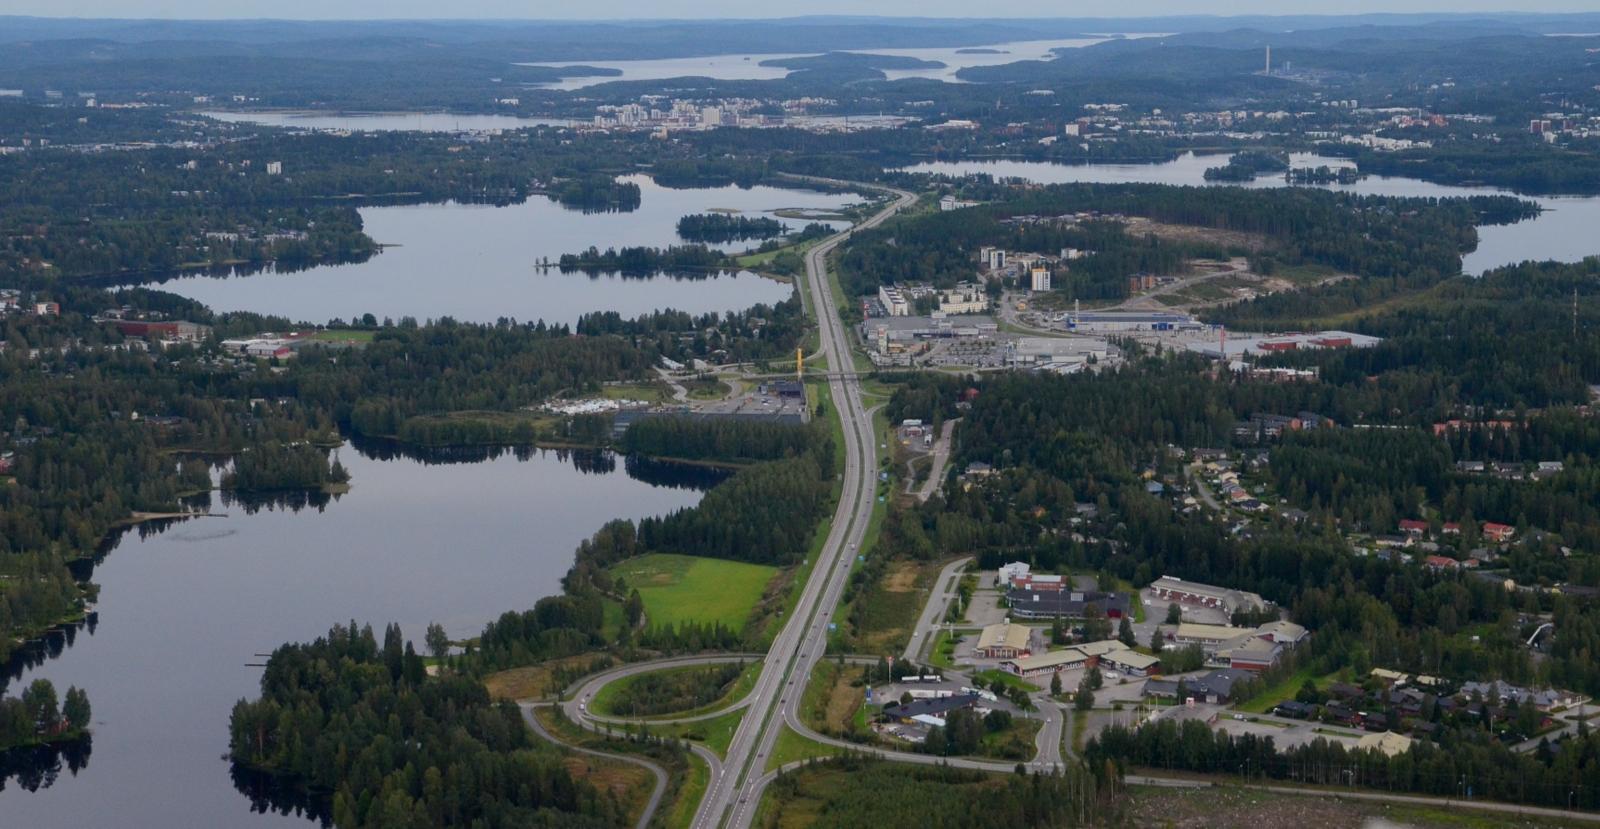 Kirri, Palokka, Jyväskylän keskusta.